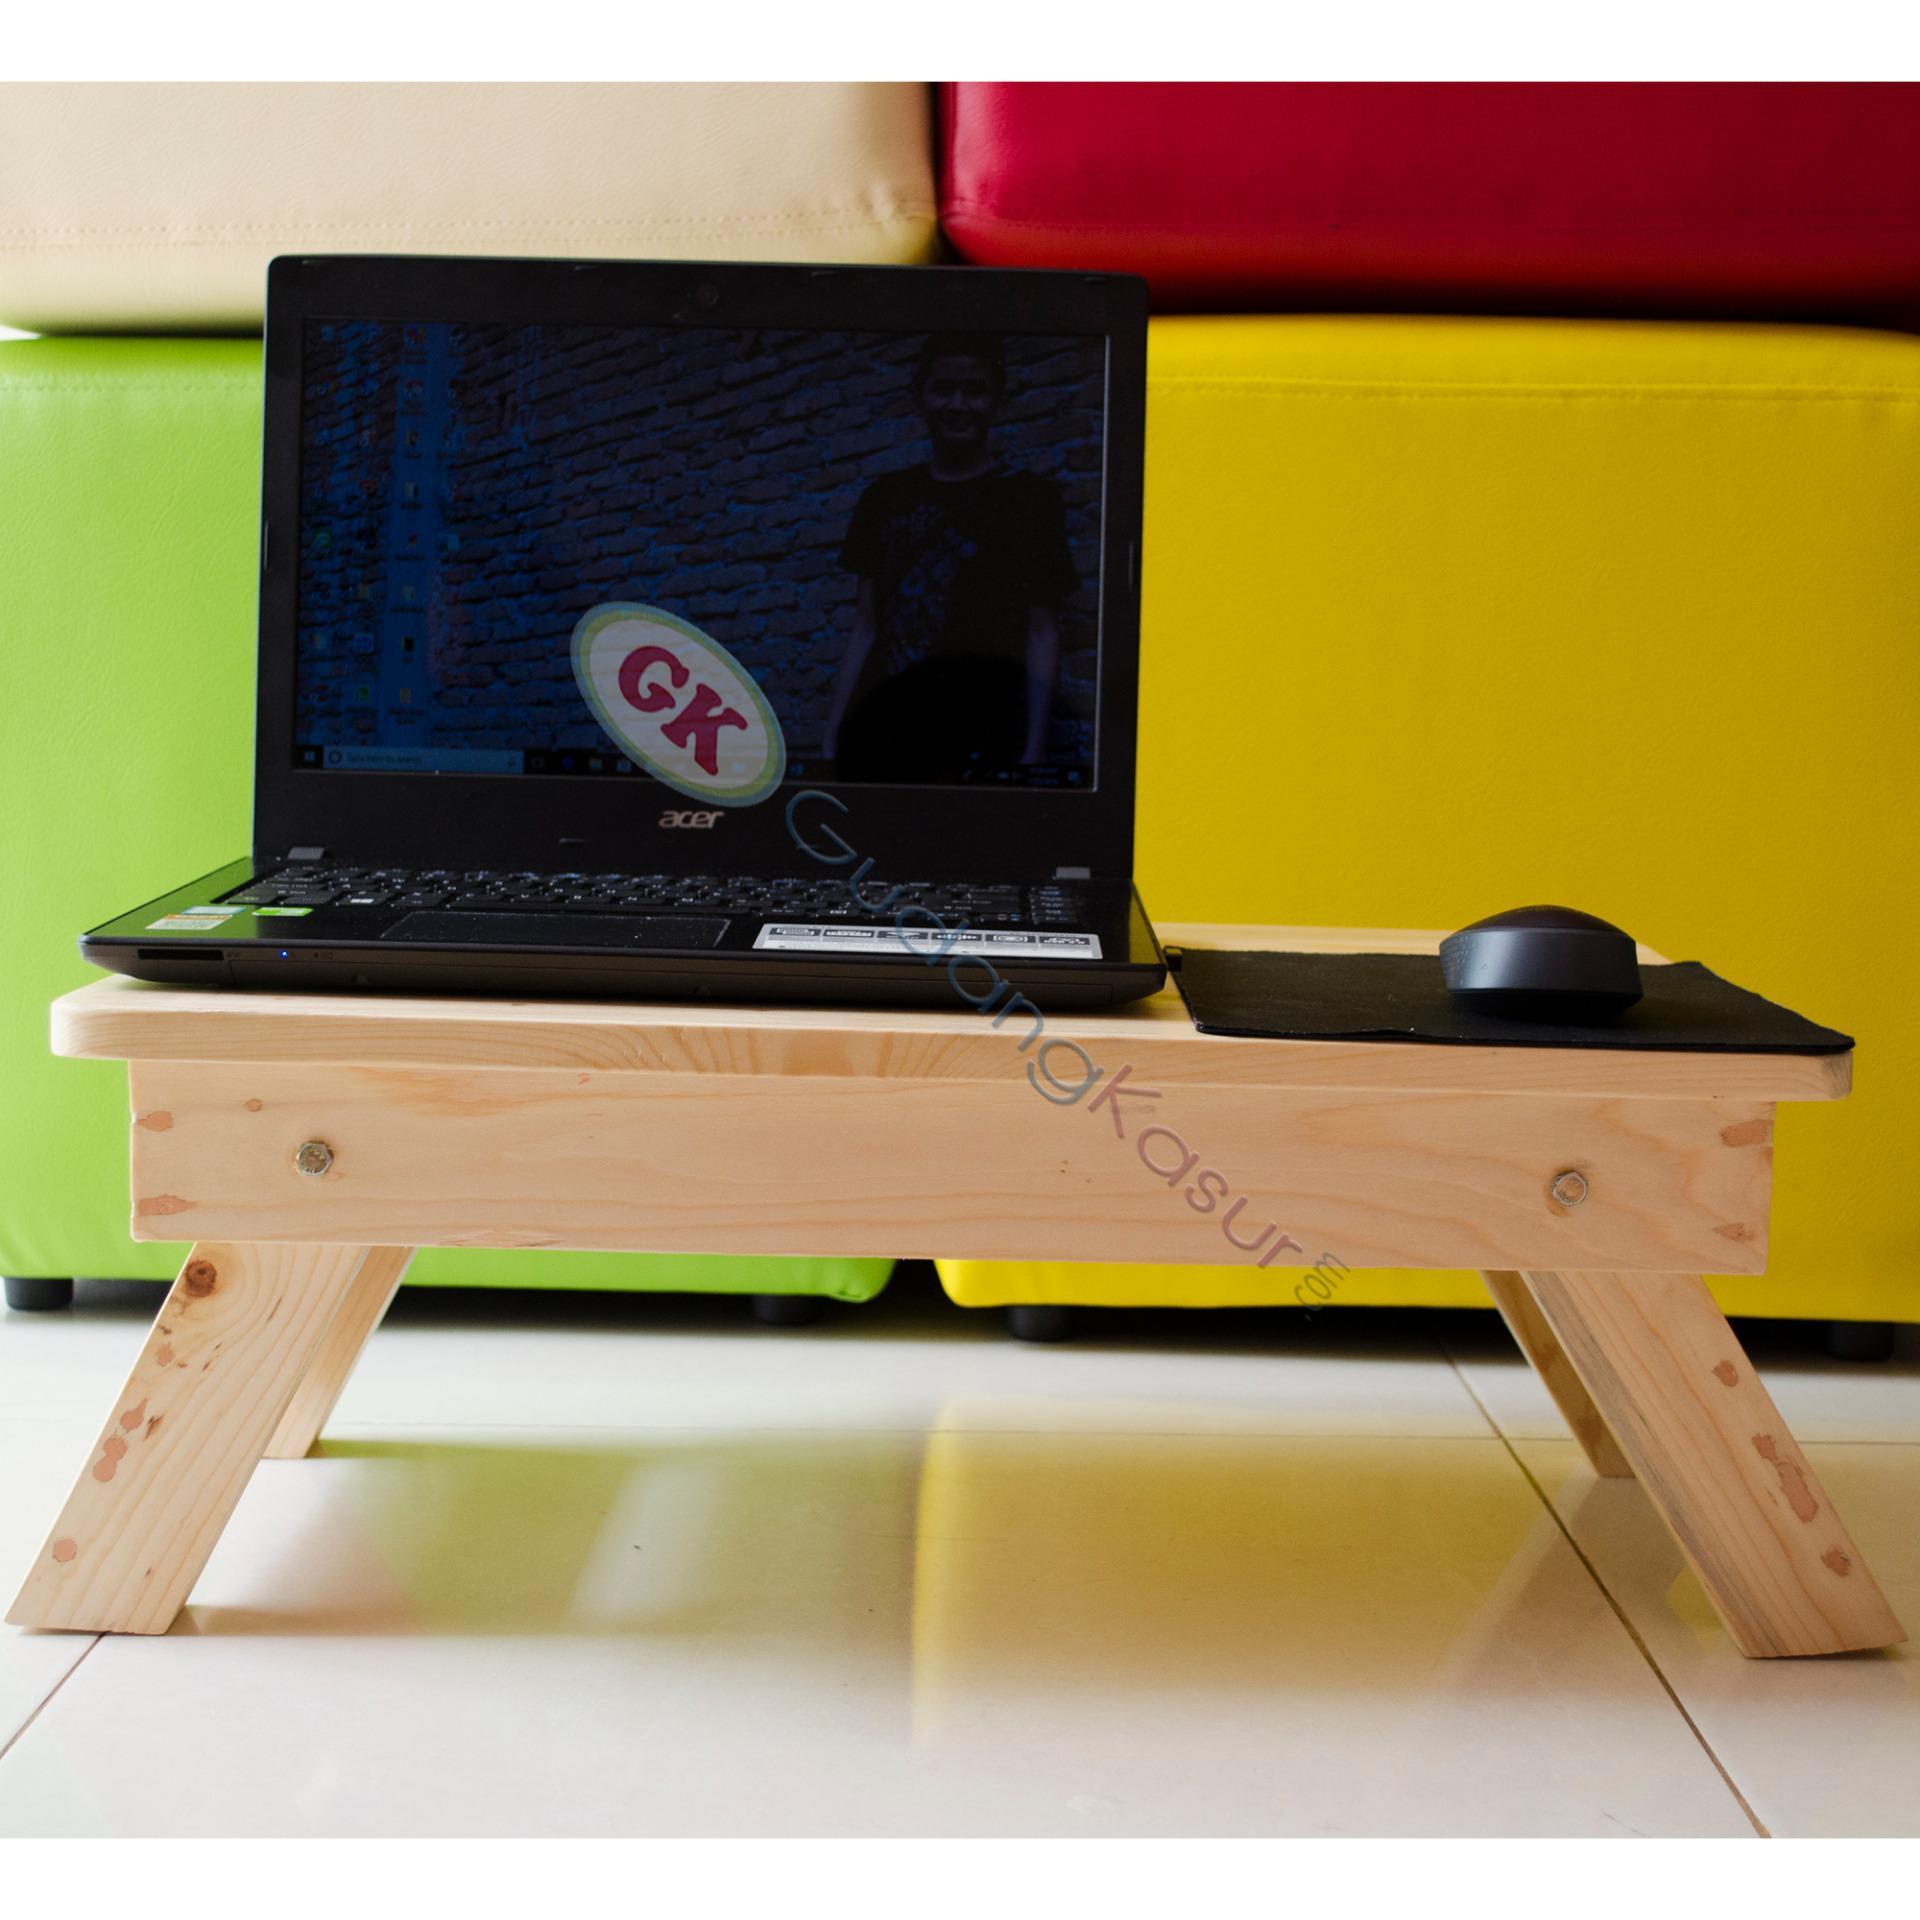 New Update Of Meja Laptop Lipat Kayu Lesehan Portable Mulltifungsi Stand Jati Kokoh Belanda Untuk 55x35cm